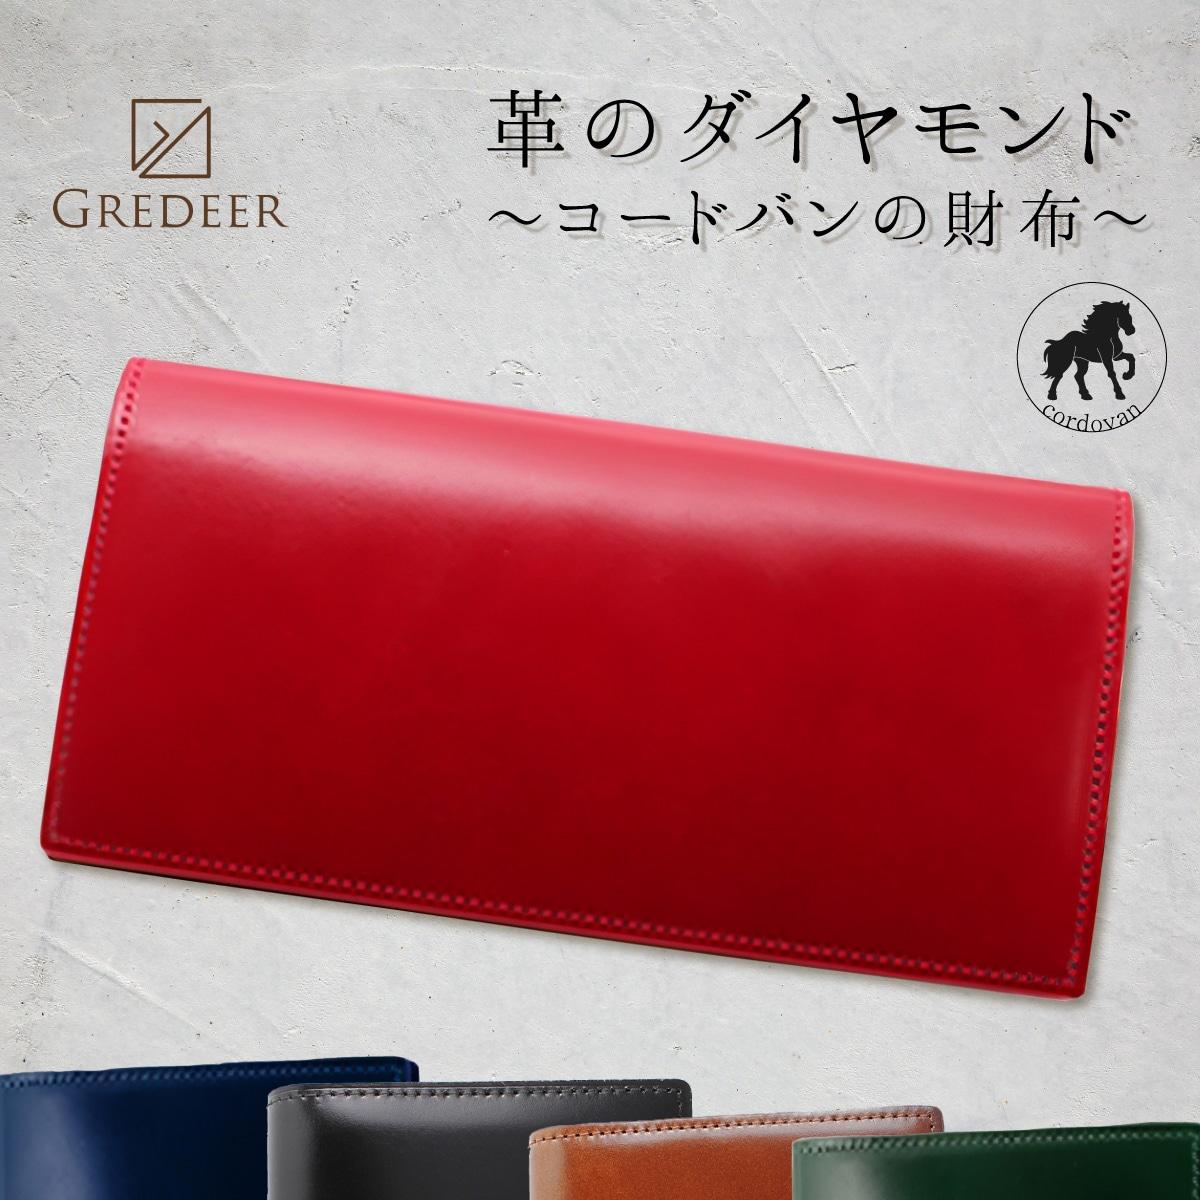 馬革(コードバン)のプレミアム財布 GREDEER コードバン 長財布 【カラー:レッド】 開運グッズ